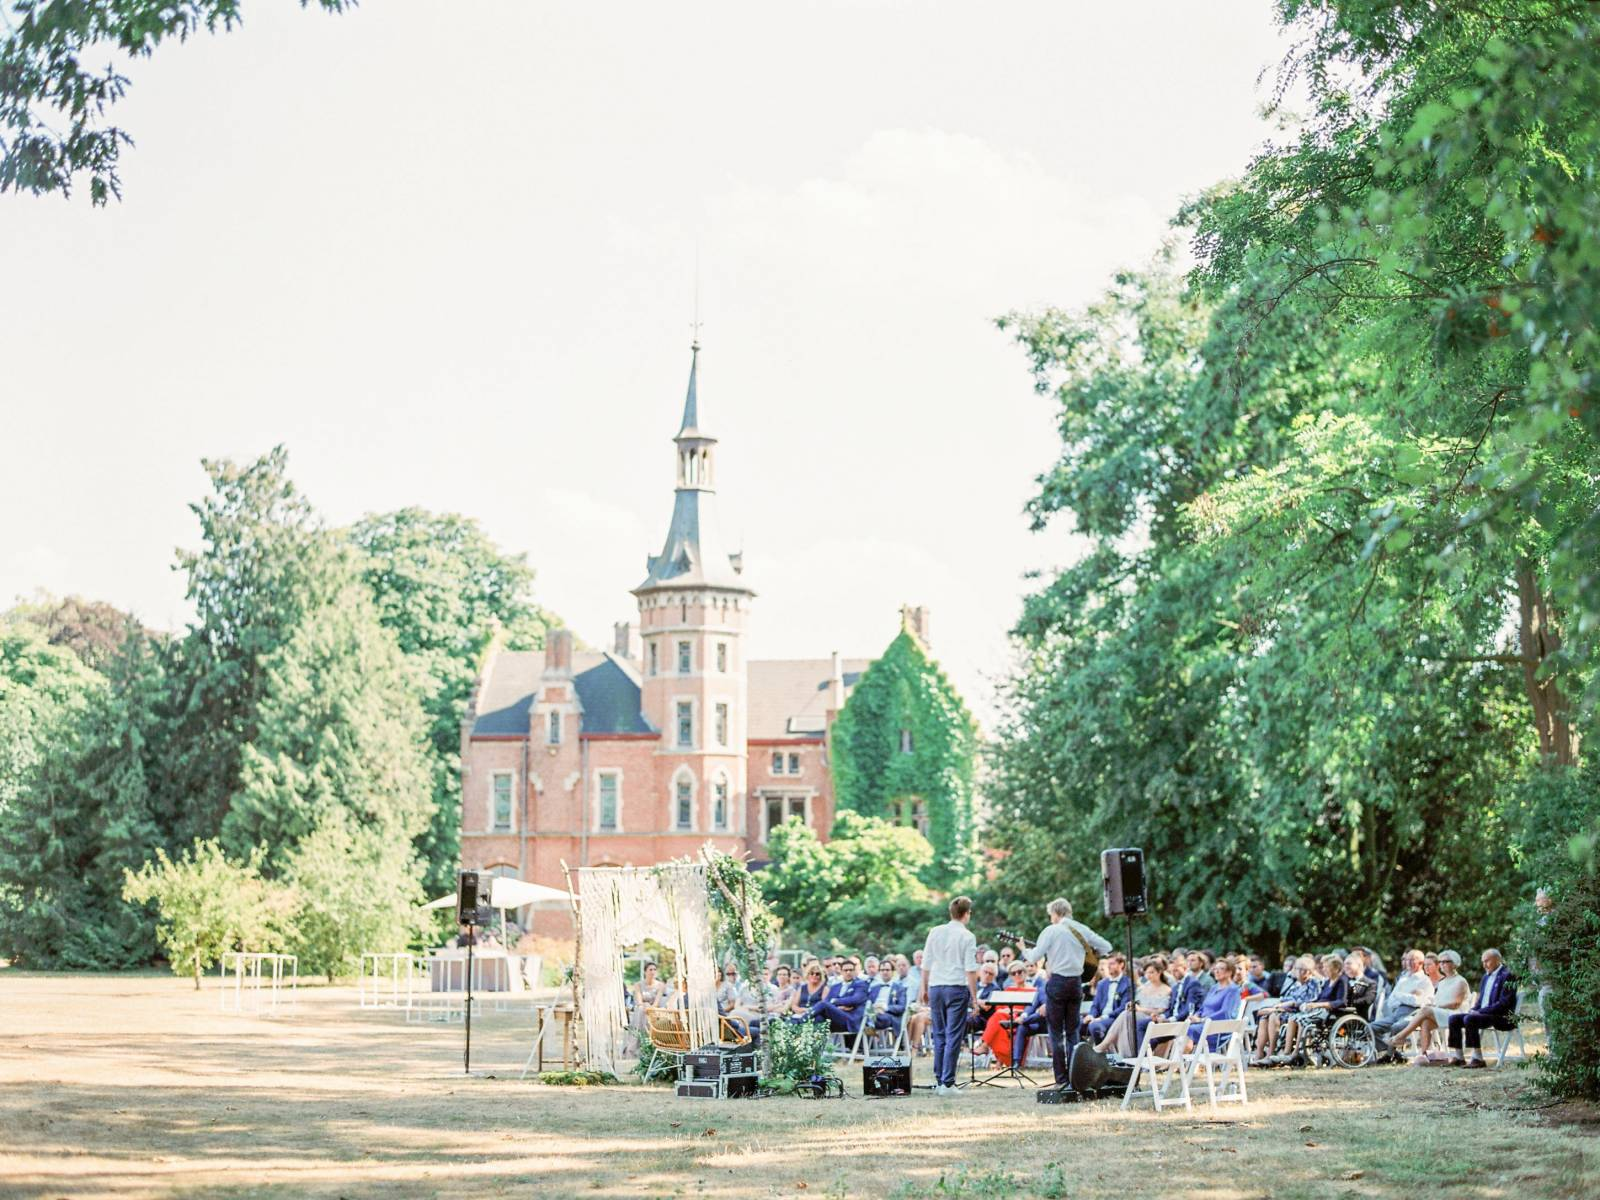 Elisabeth Van Lent - Huwelijksfotograaf - Fine Art - House of Weddings - 13